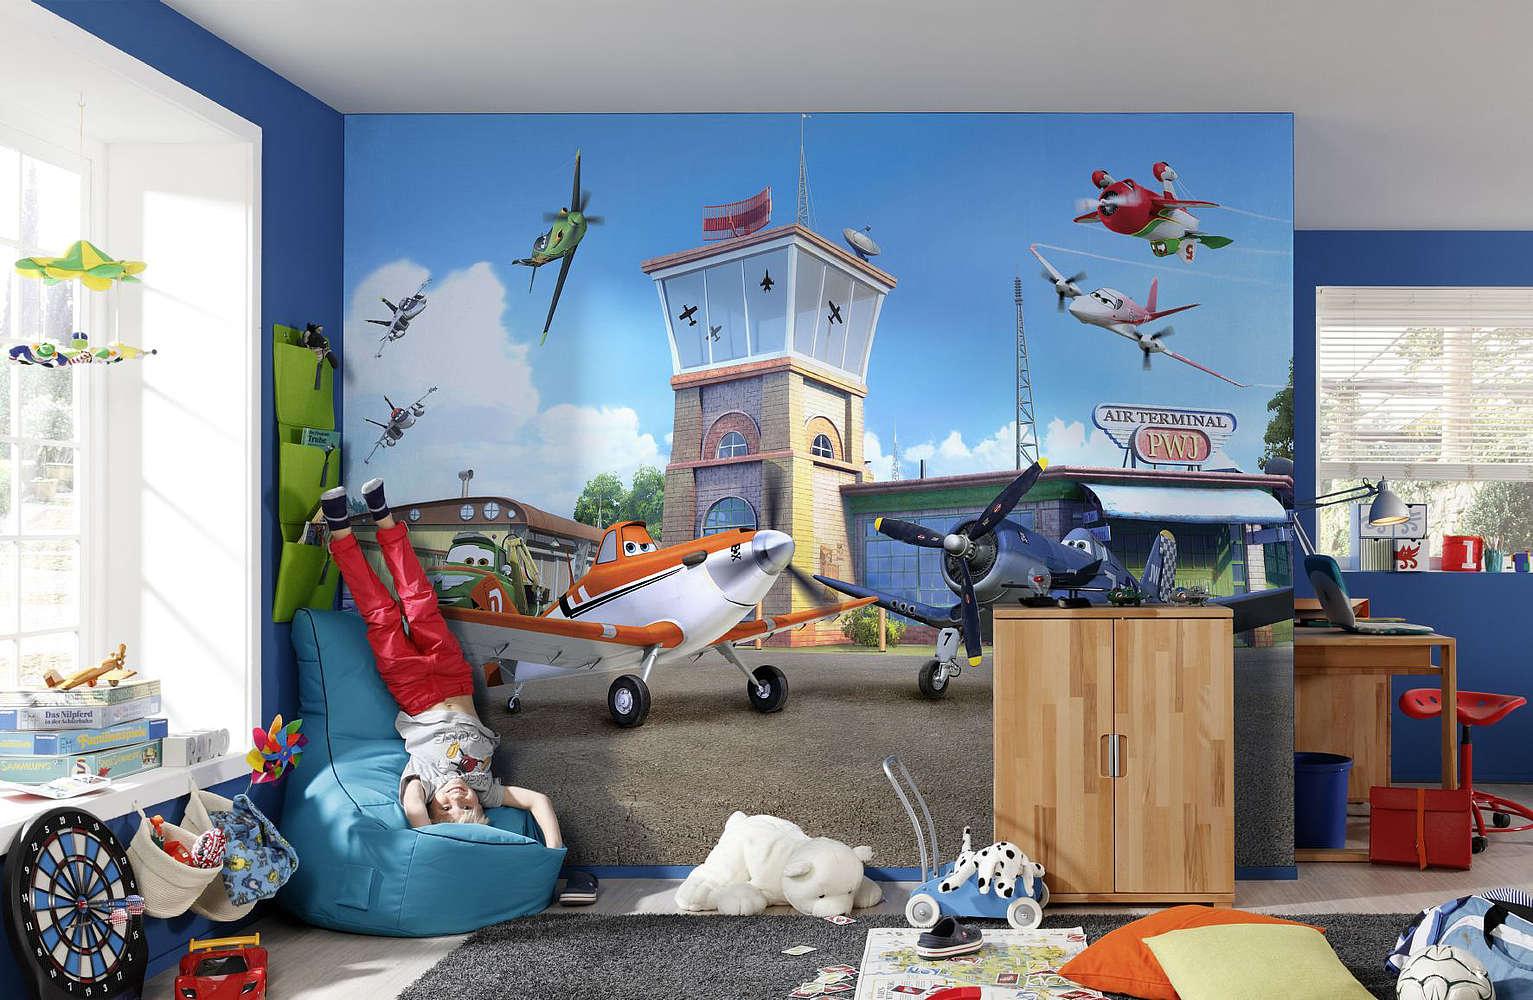 Full Size of Kinderzimmer Jungs Ideen Einrichten Junge 2 Jahre Pinterest Deko Selber Machen Fr Regal Weiß Sofa Regale Kinderzimmer Kinderzimmer Jungs